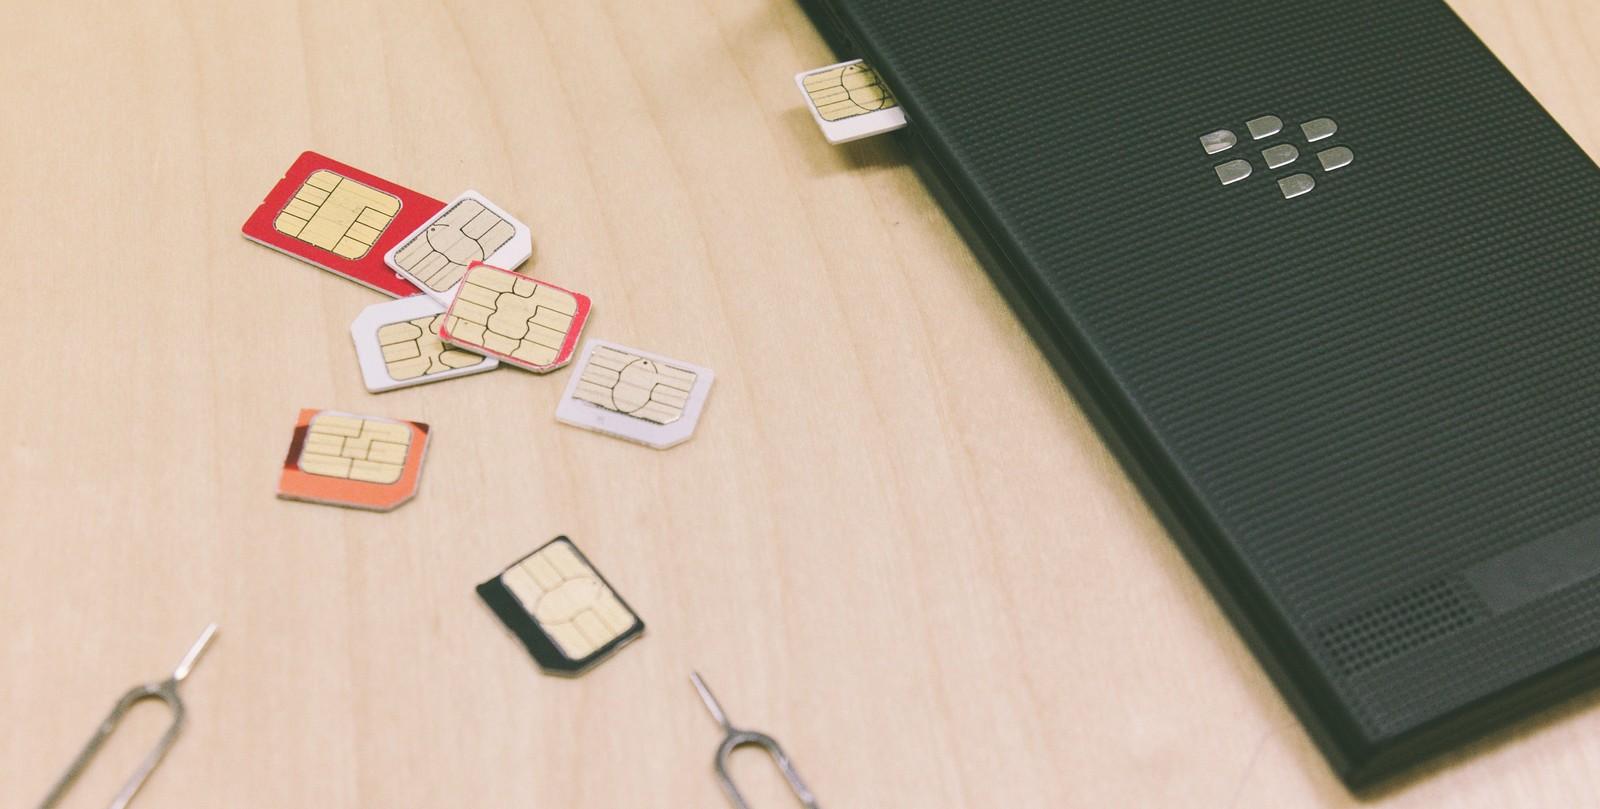 格安SIM ドコモ系MVNOで使えるおすすめスマホ 購入方法と注意点